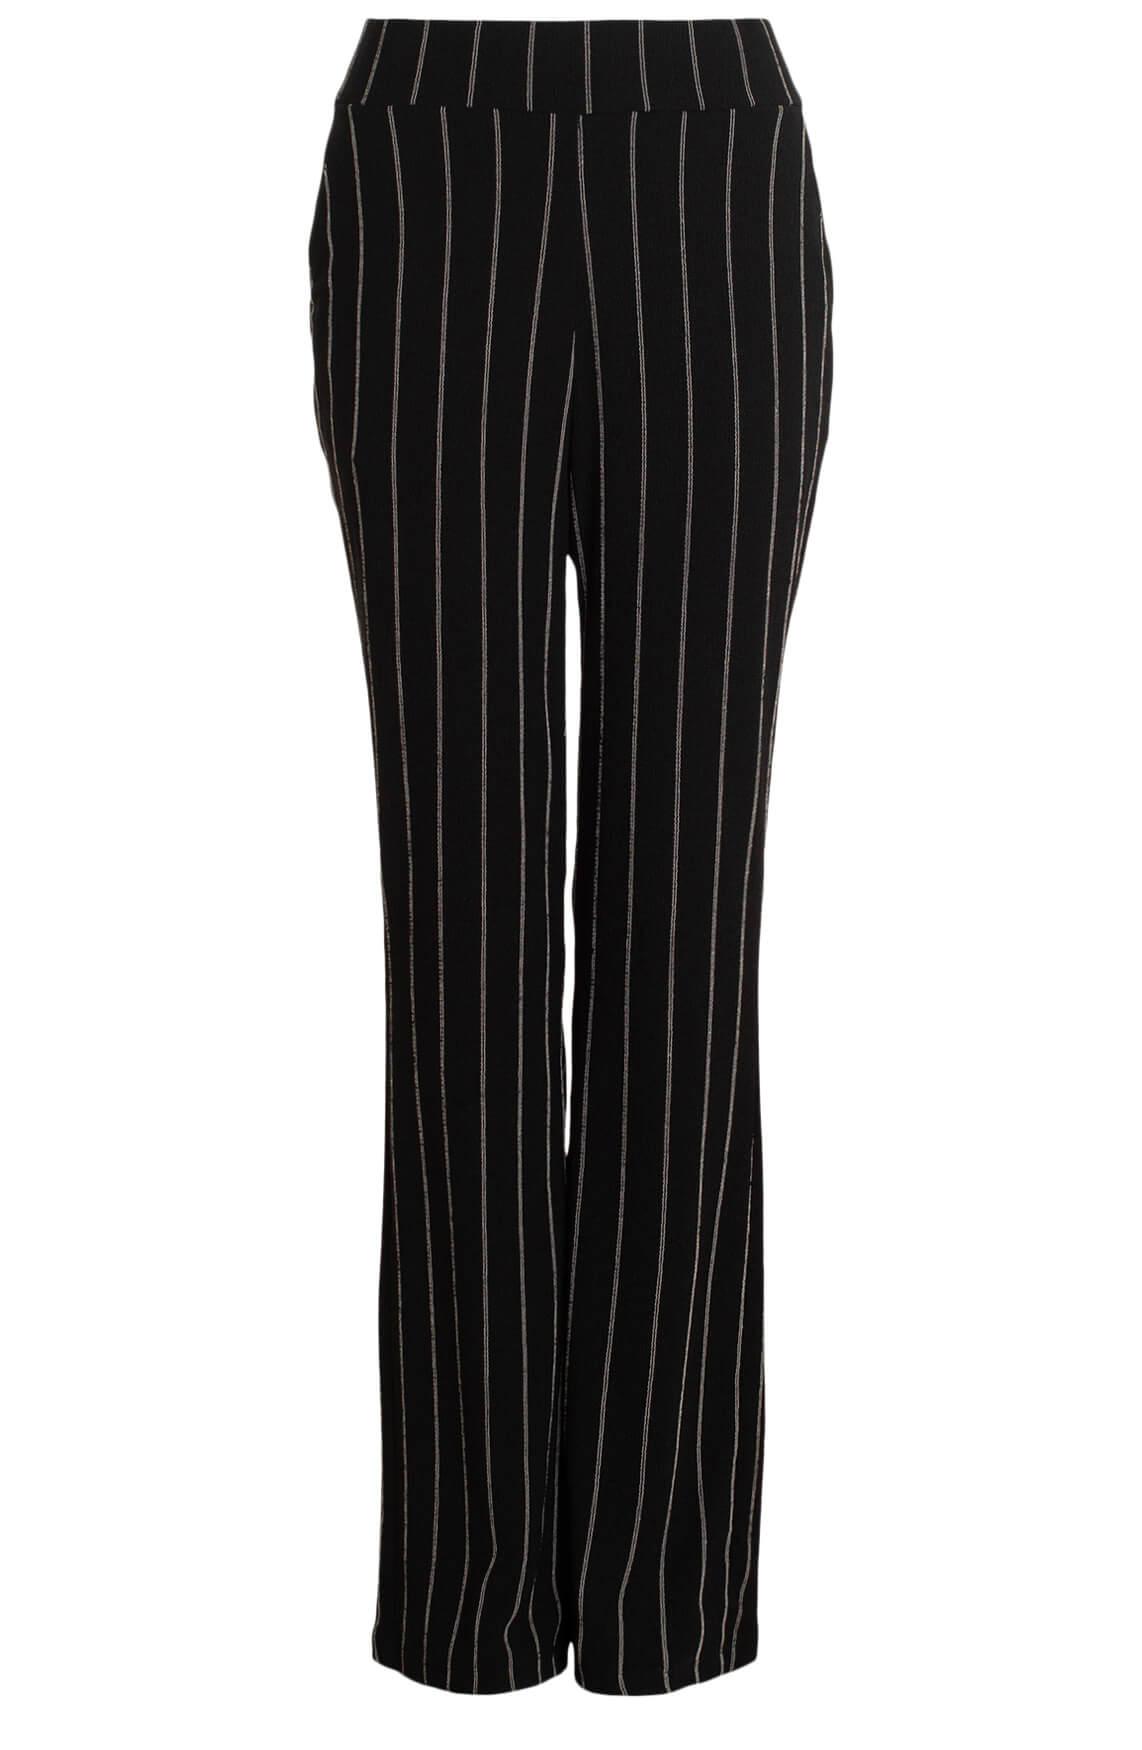 Anna Dames Flared broek met fijne strepen zwart